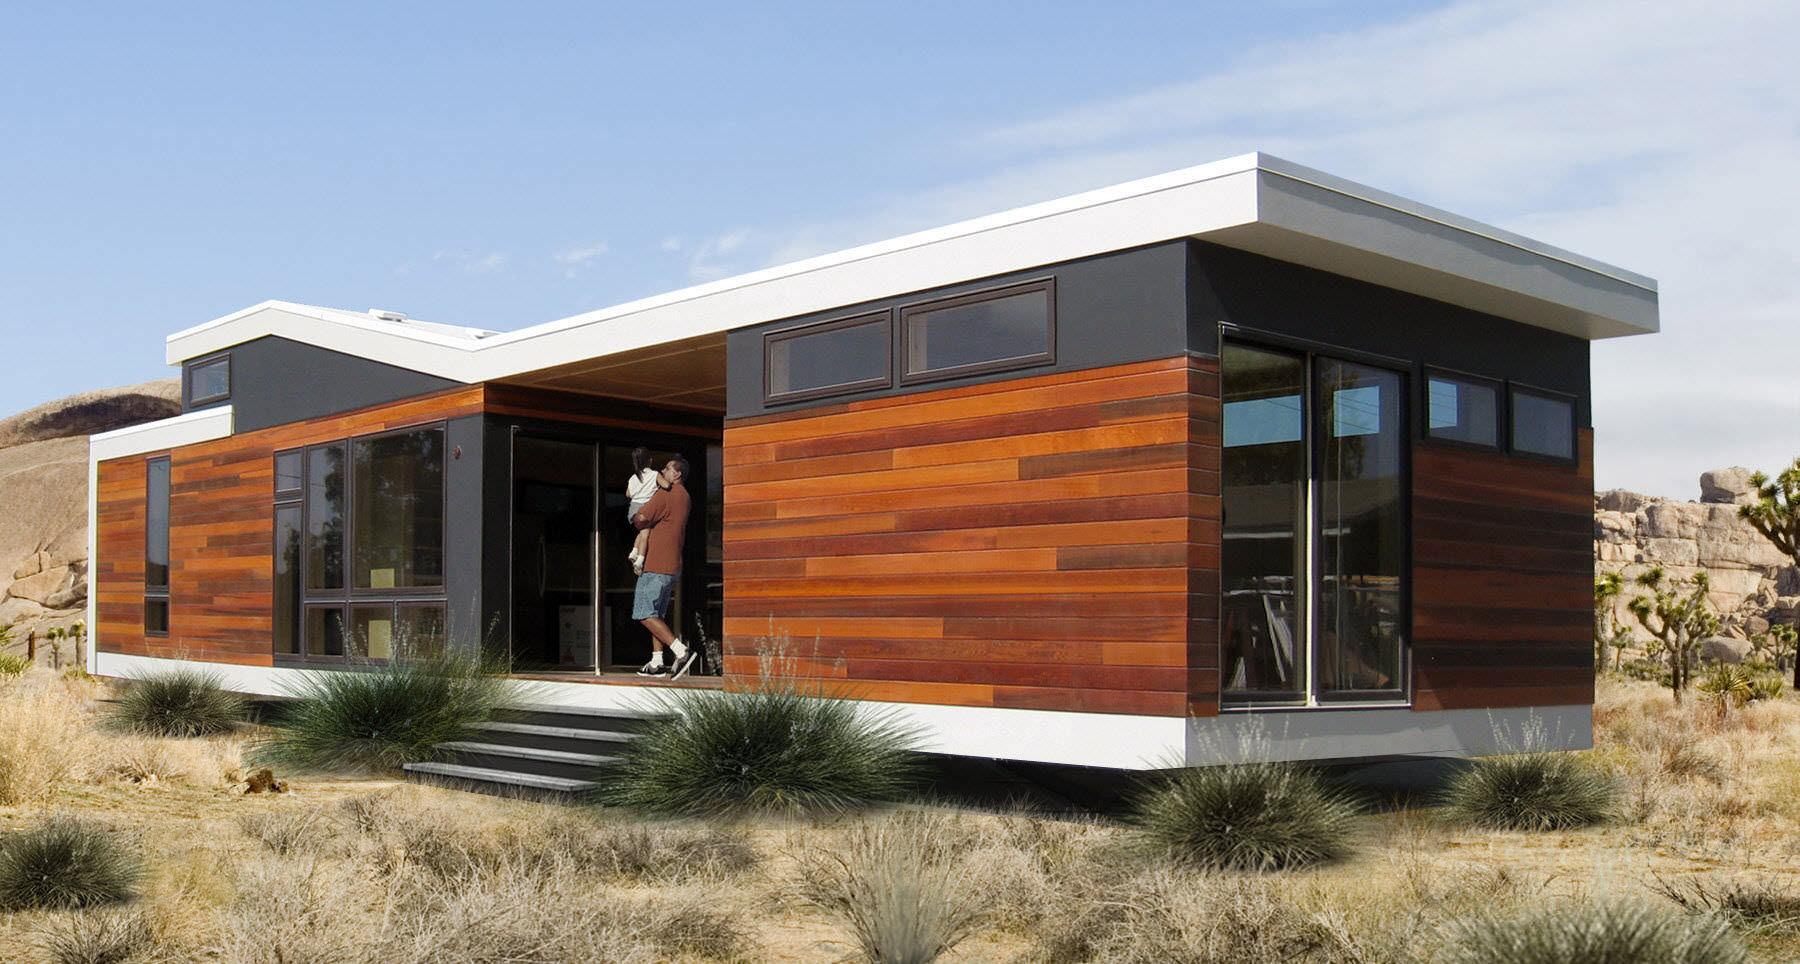 Casa Prefabbricata Design : Micro casa prefabbricata moderna in legno a un piano cali